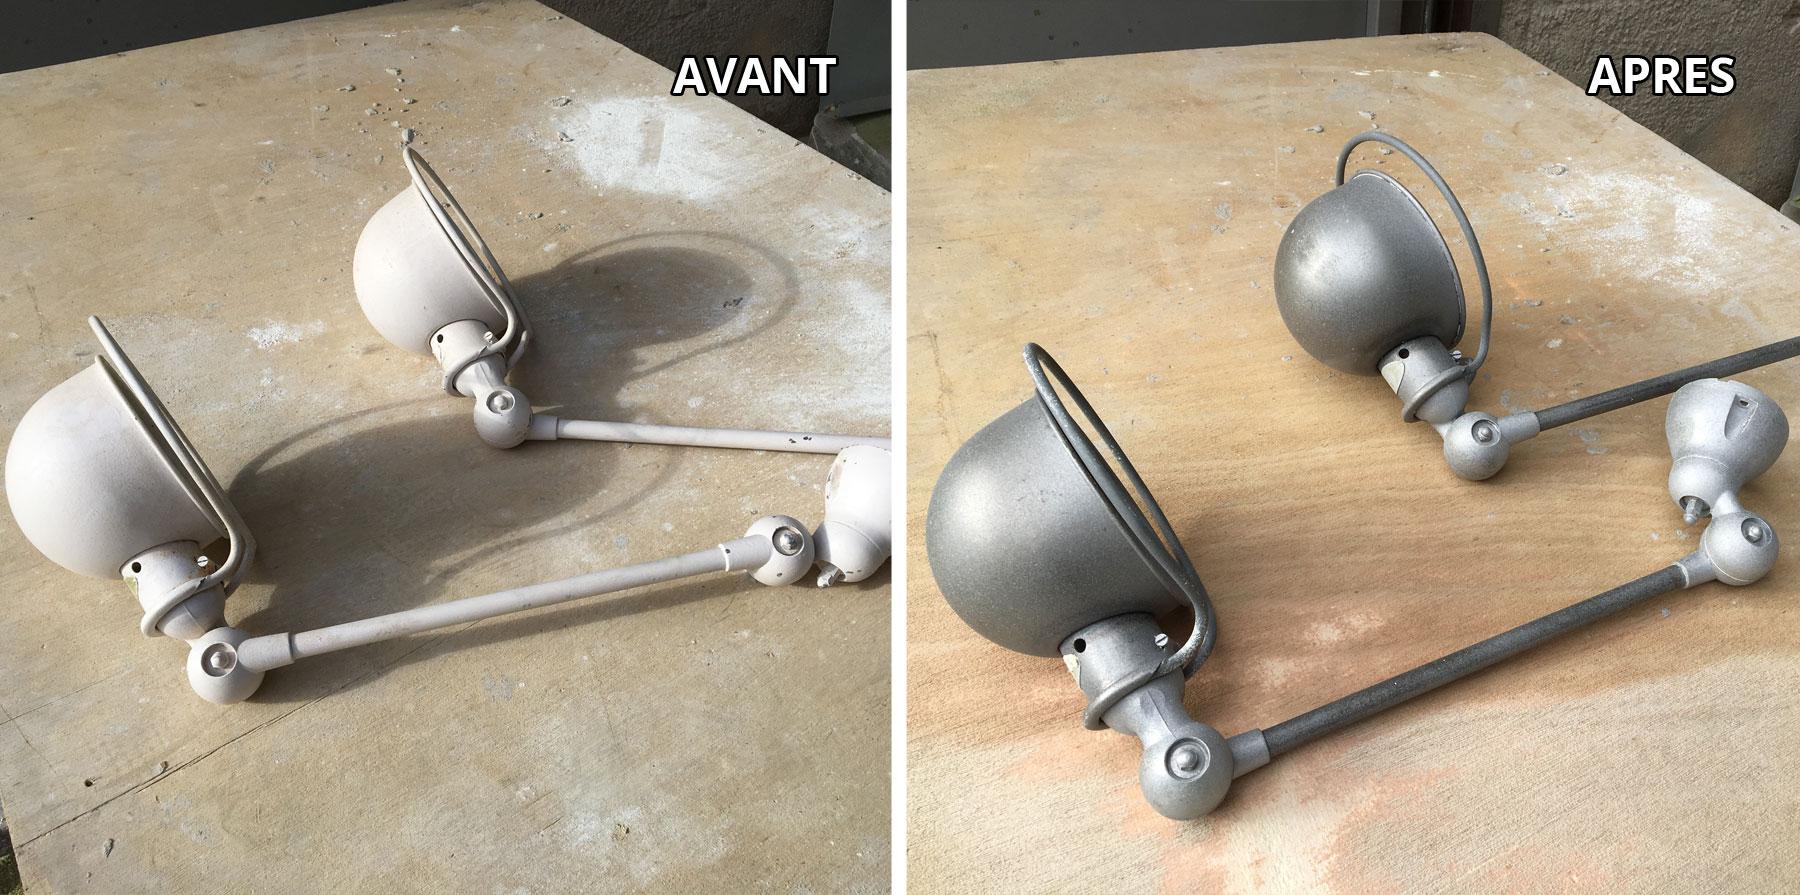 Sablage objet métallique